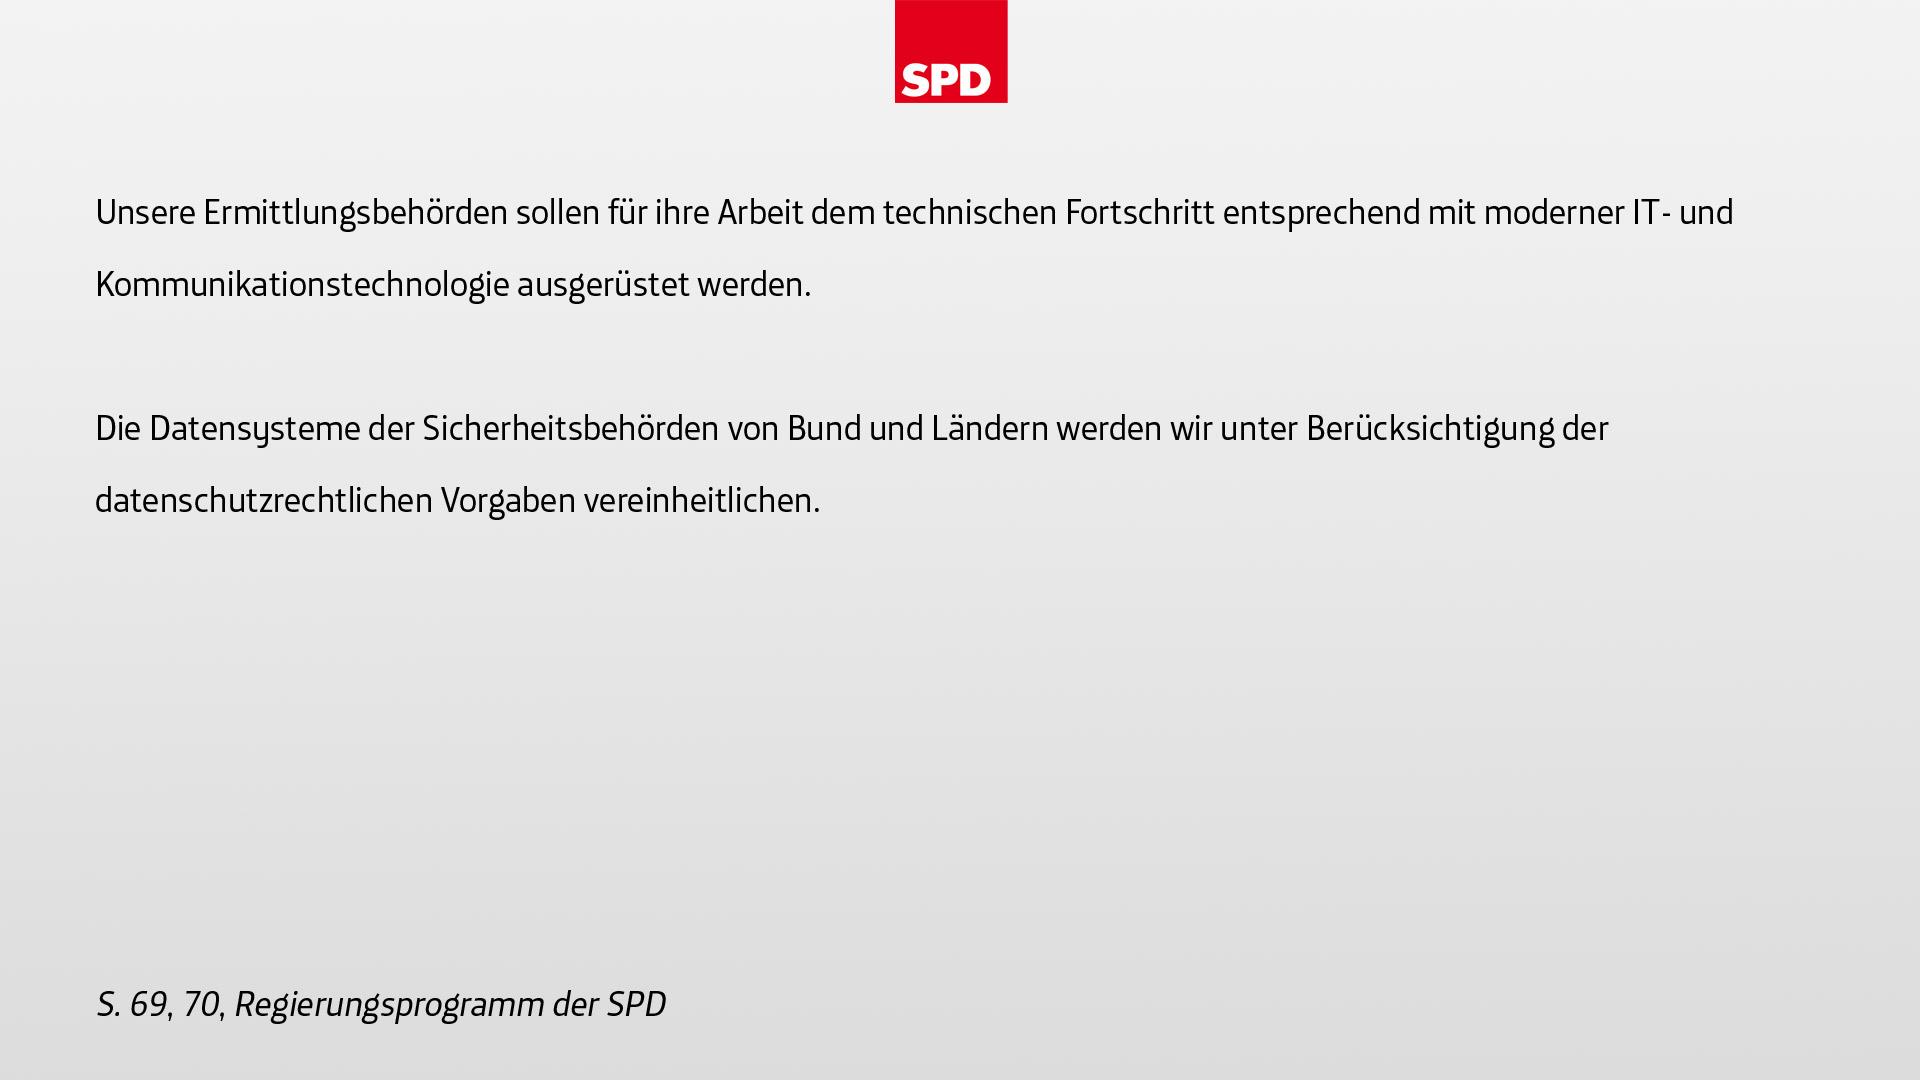 Innere-Sicherheit-SPD-Slides